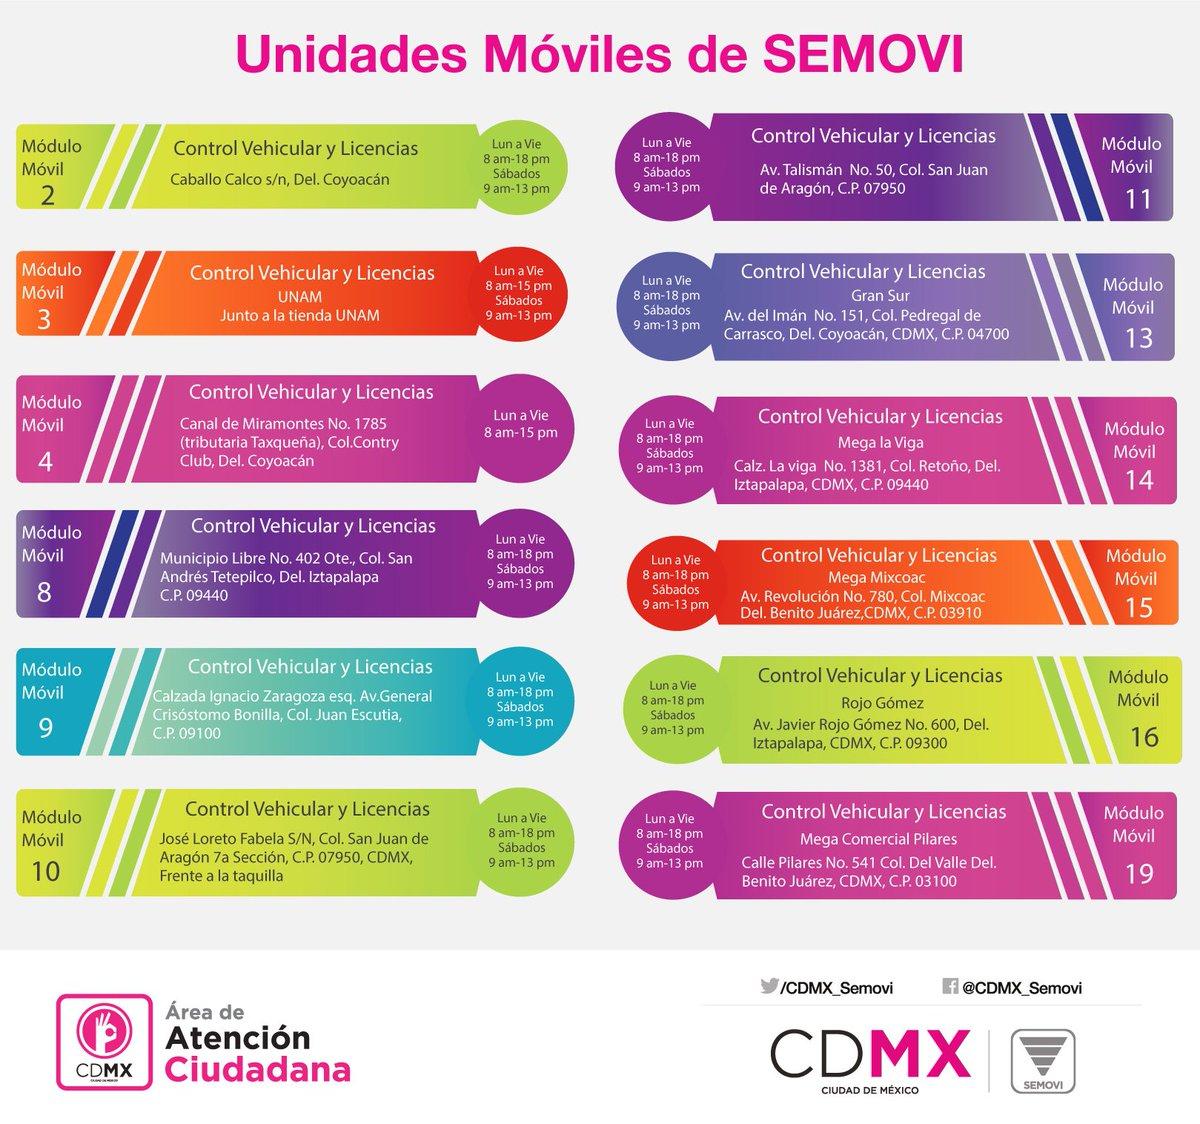 Secretaría De Movilidad Cdmx On Twitter Puede Acudir A